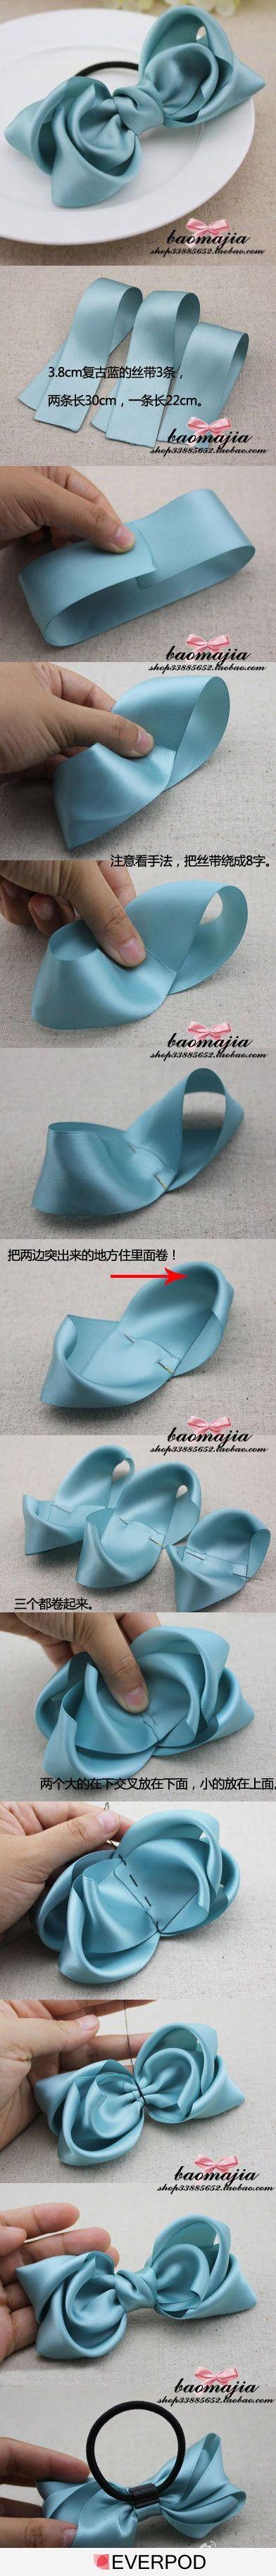 DIY Fabric Ribbon